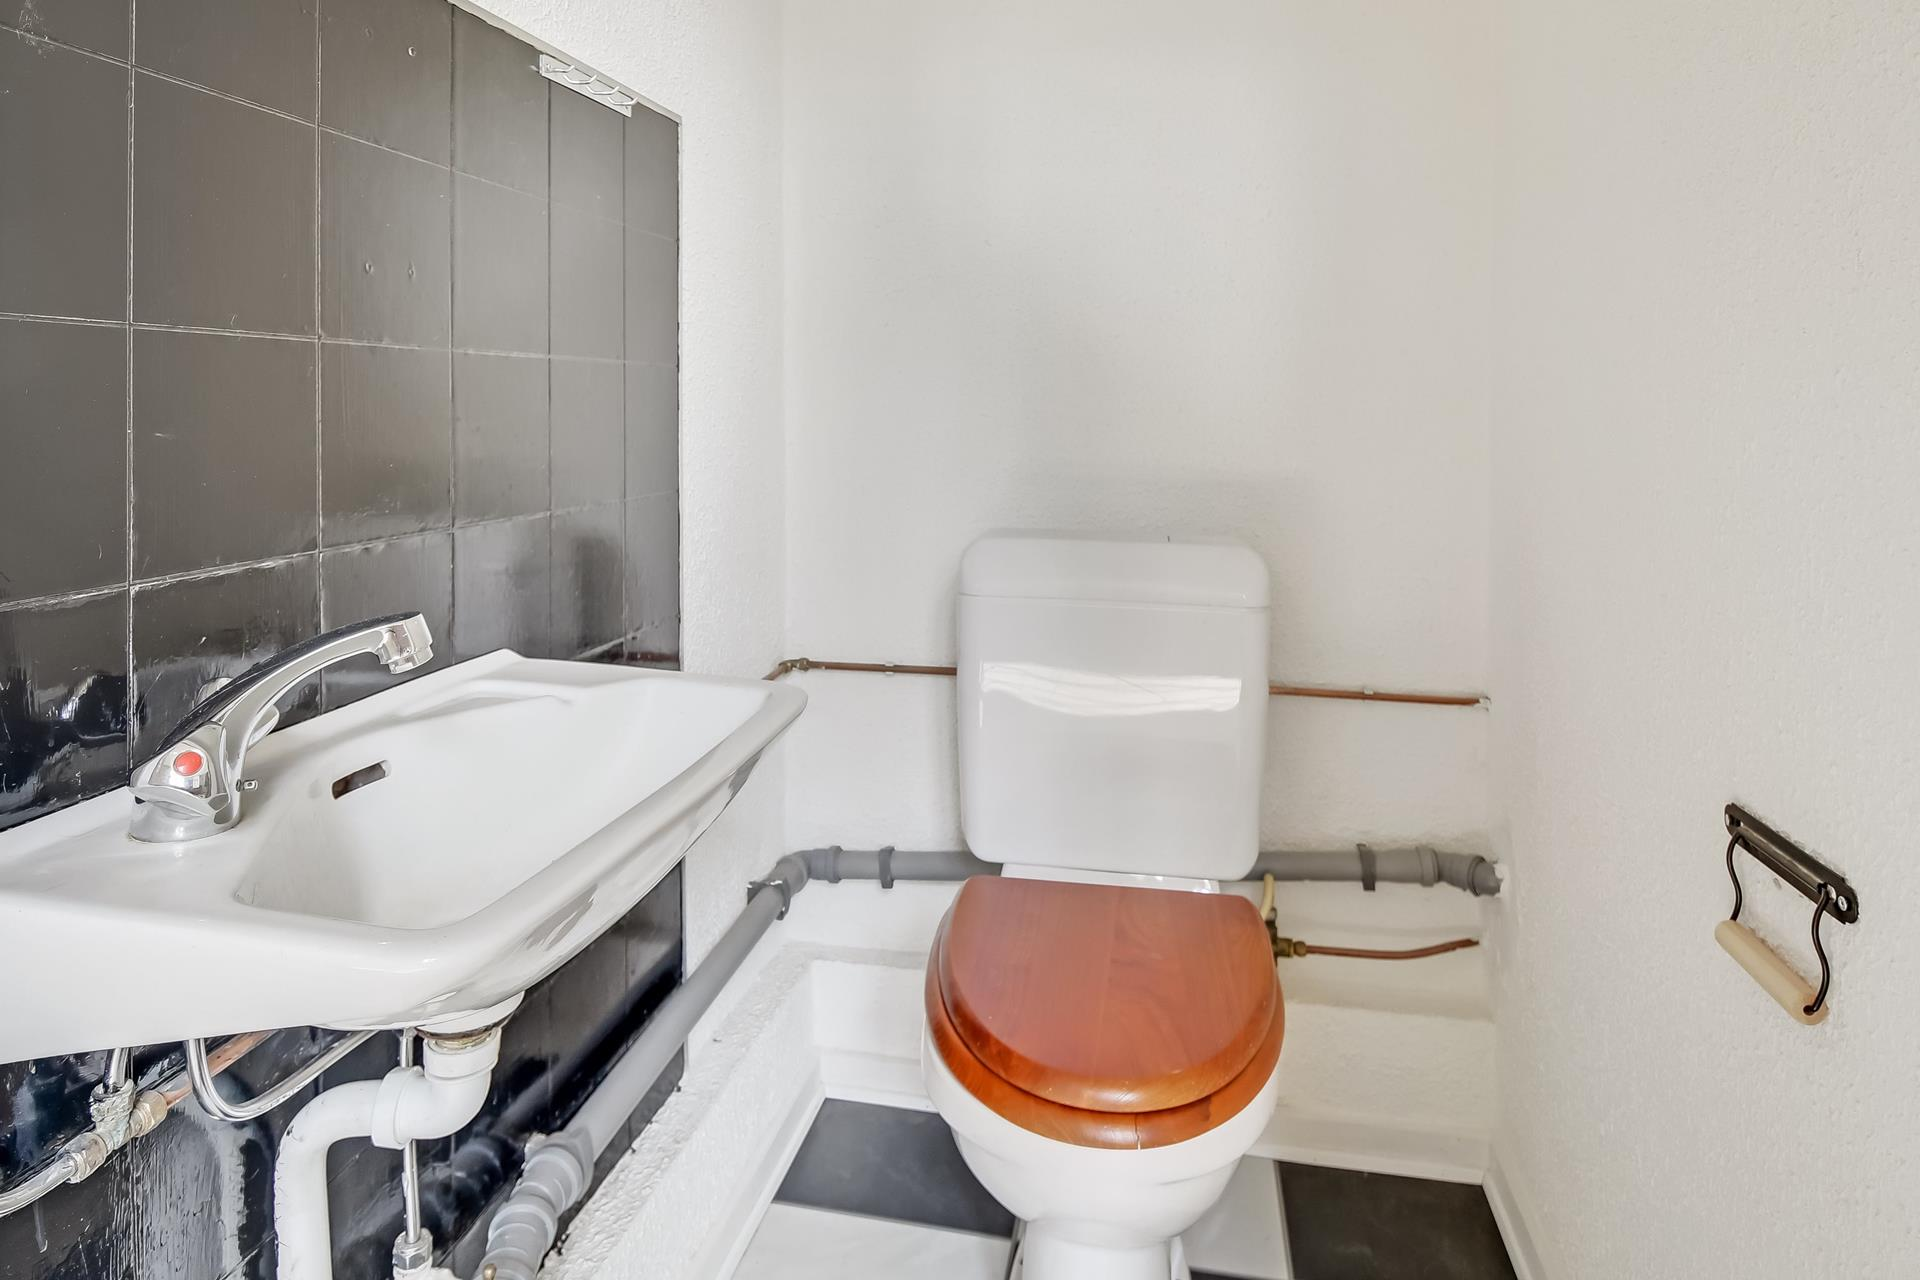 Bolig/erhverv på Nørregade i Esbjerg - Toilet